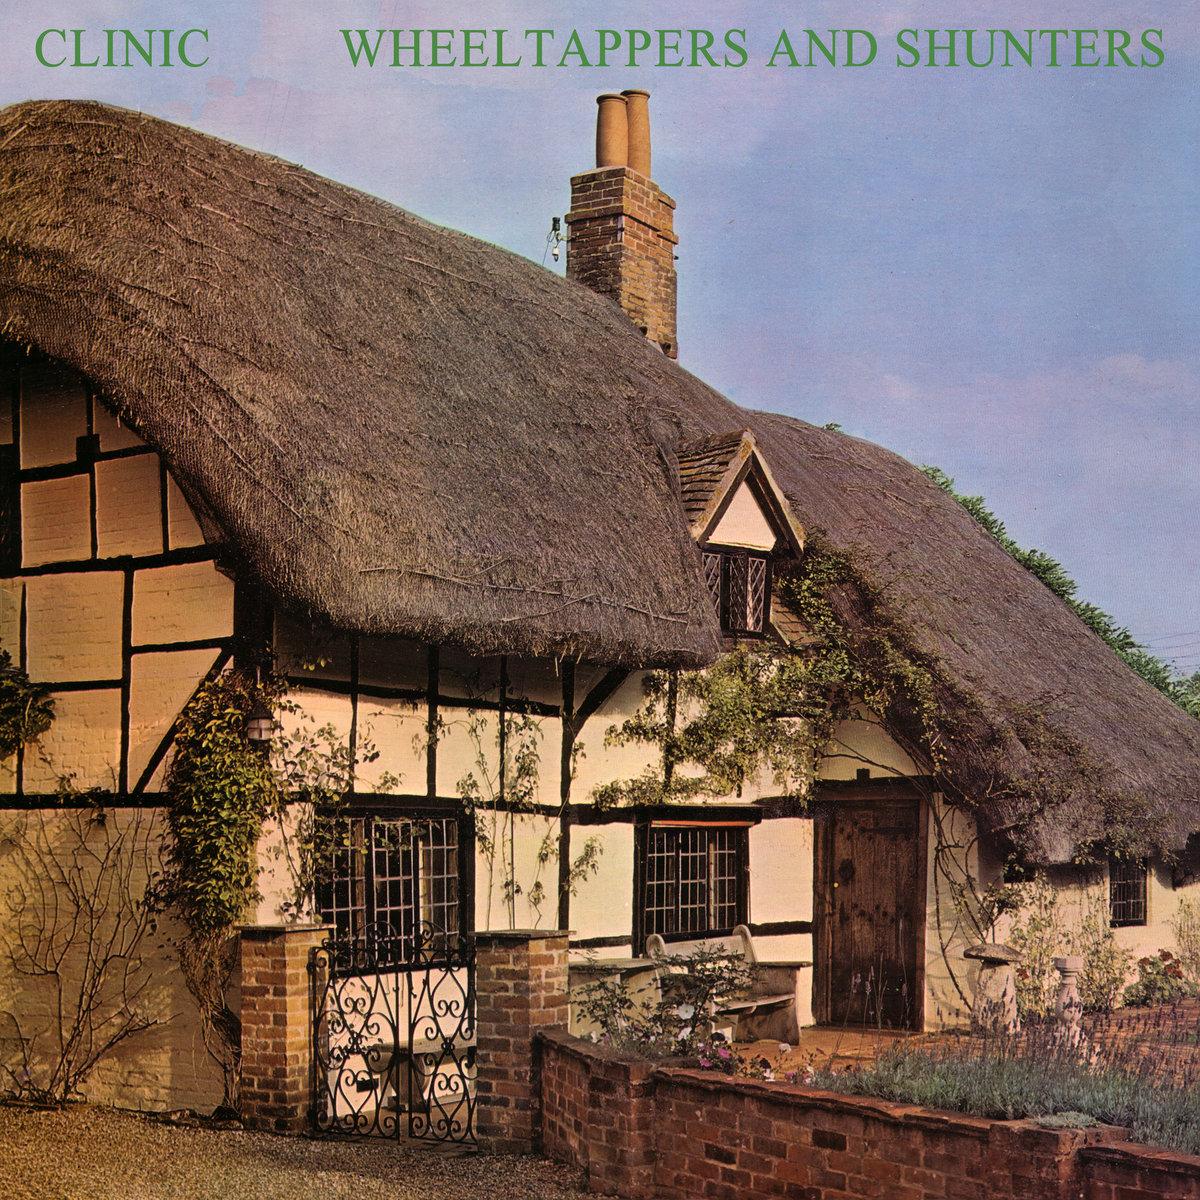 Resultado de imagem para Clinic Wheeltappers And Shunters